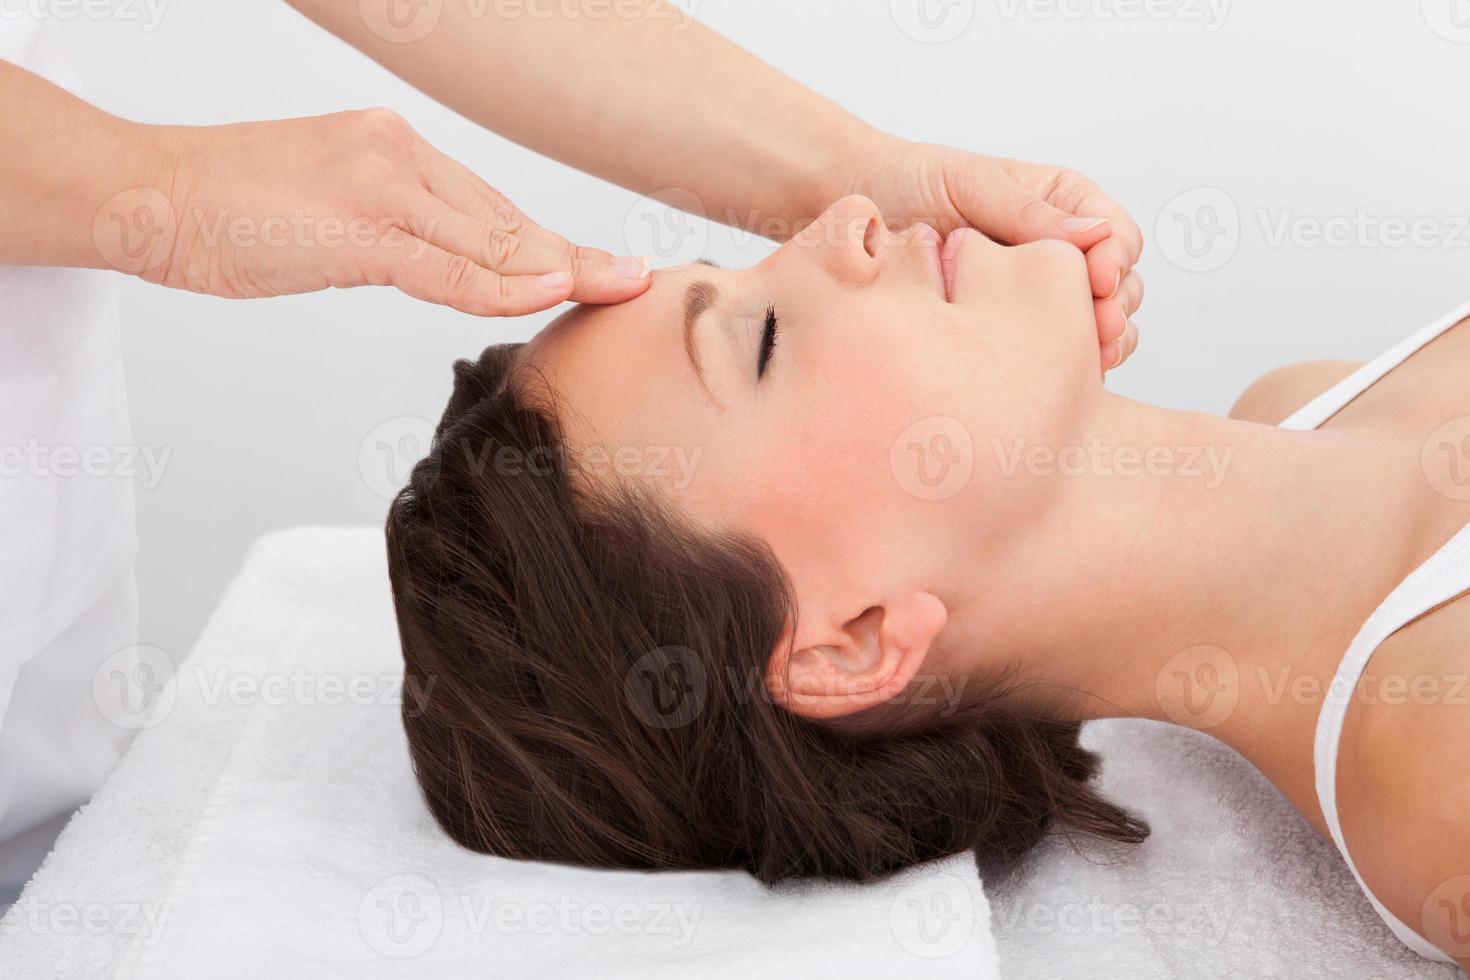 mujer que recibe un masaje mientras está acostado foto